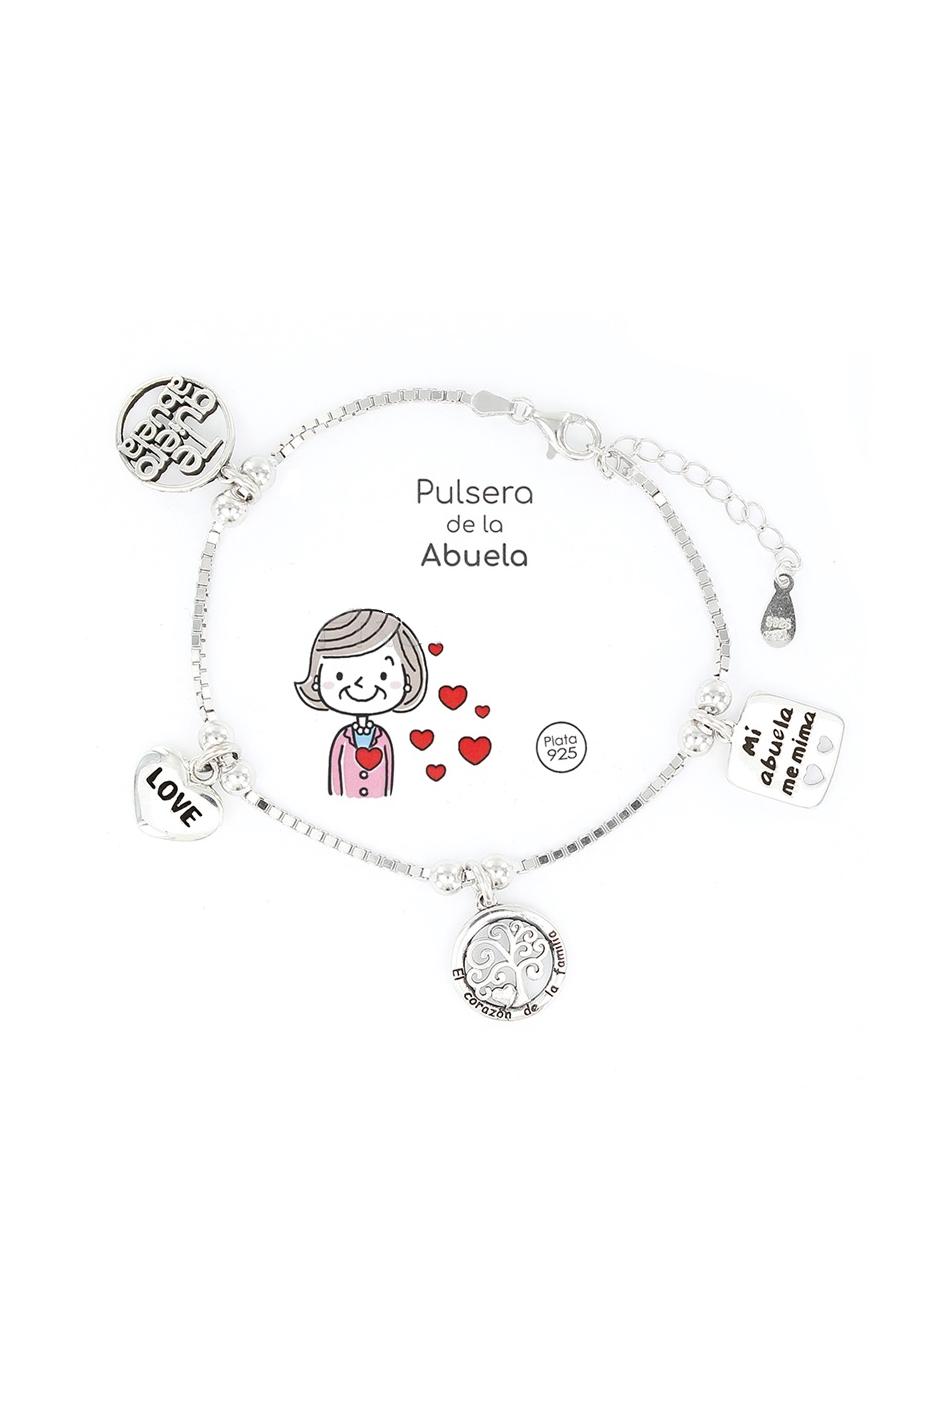 Pulsera Abuela